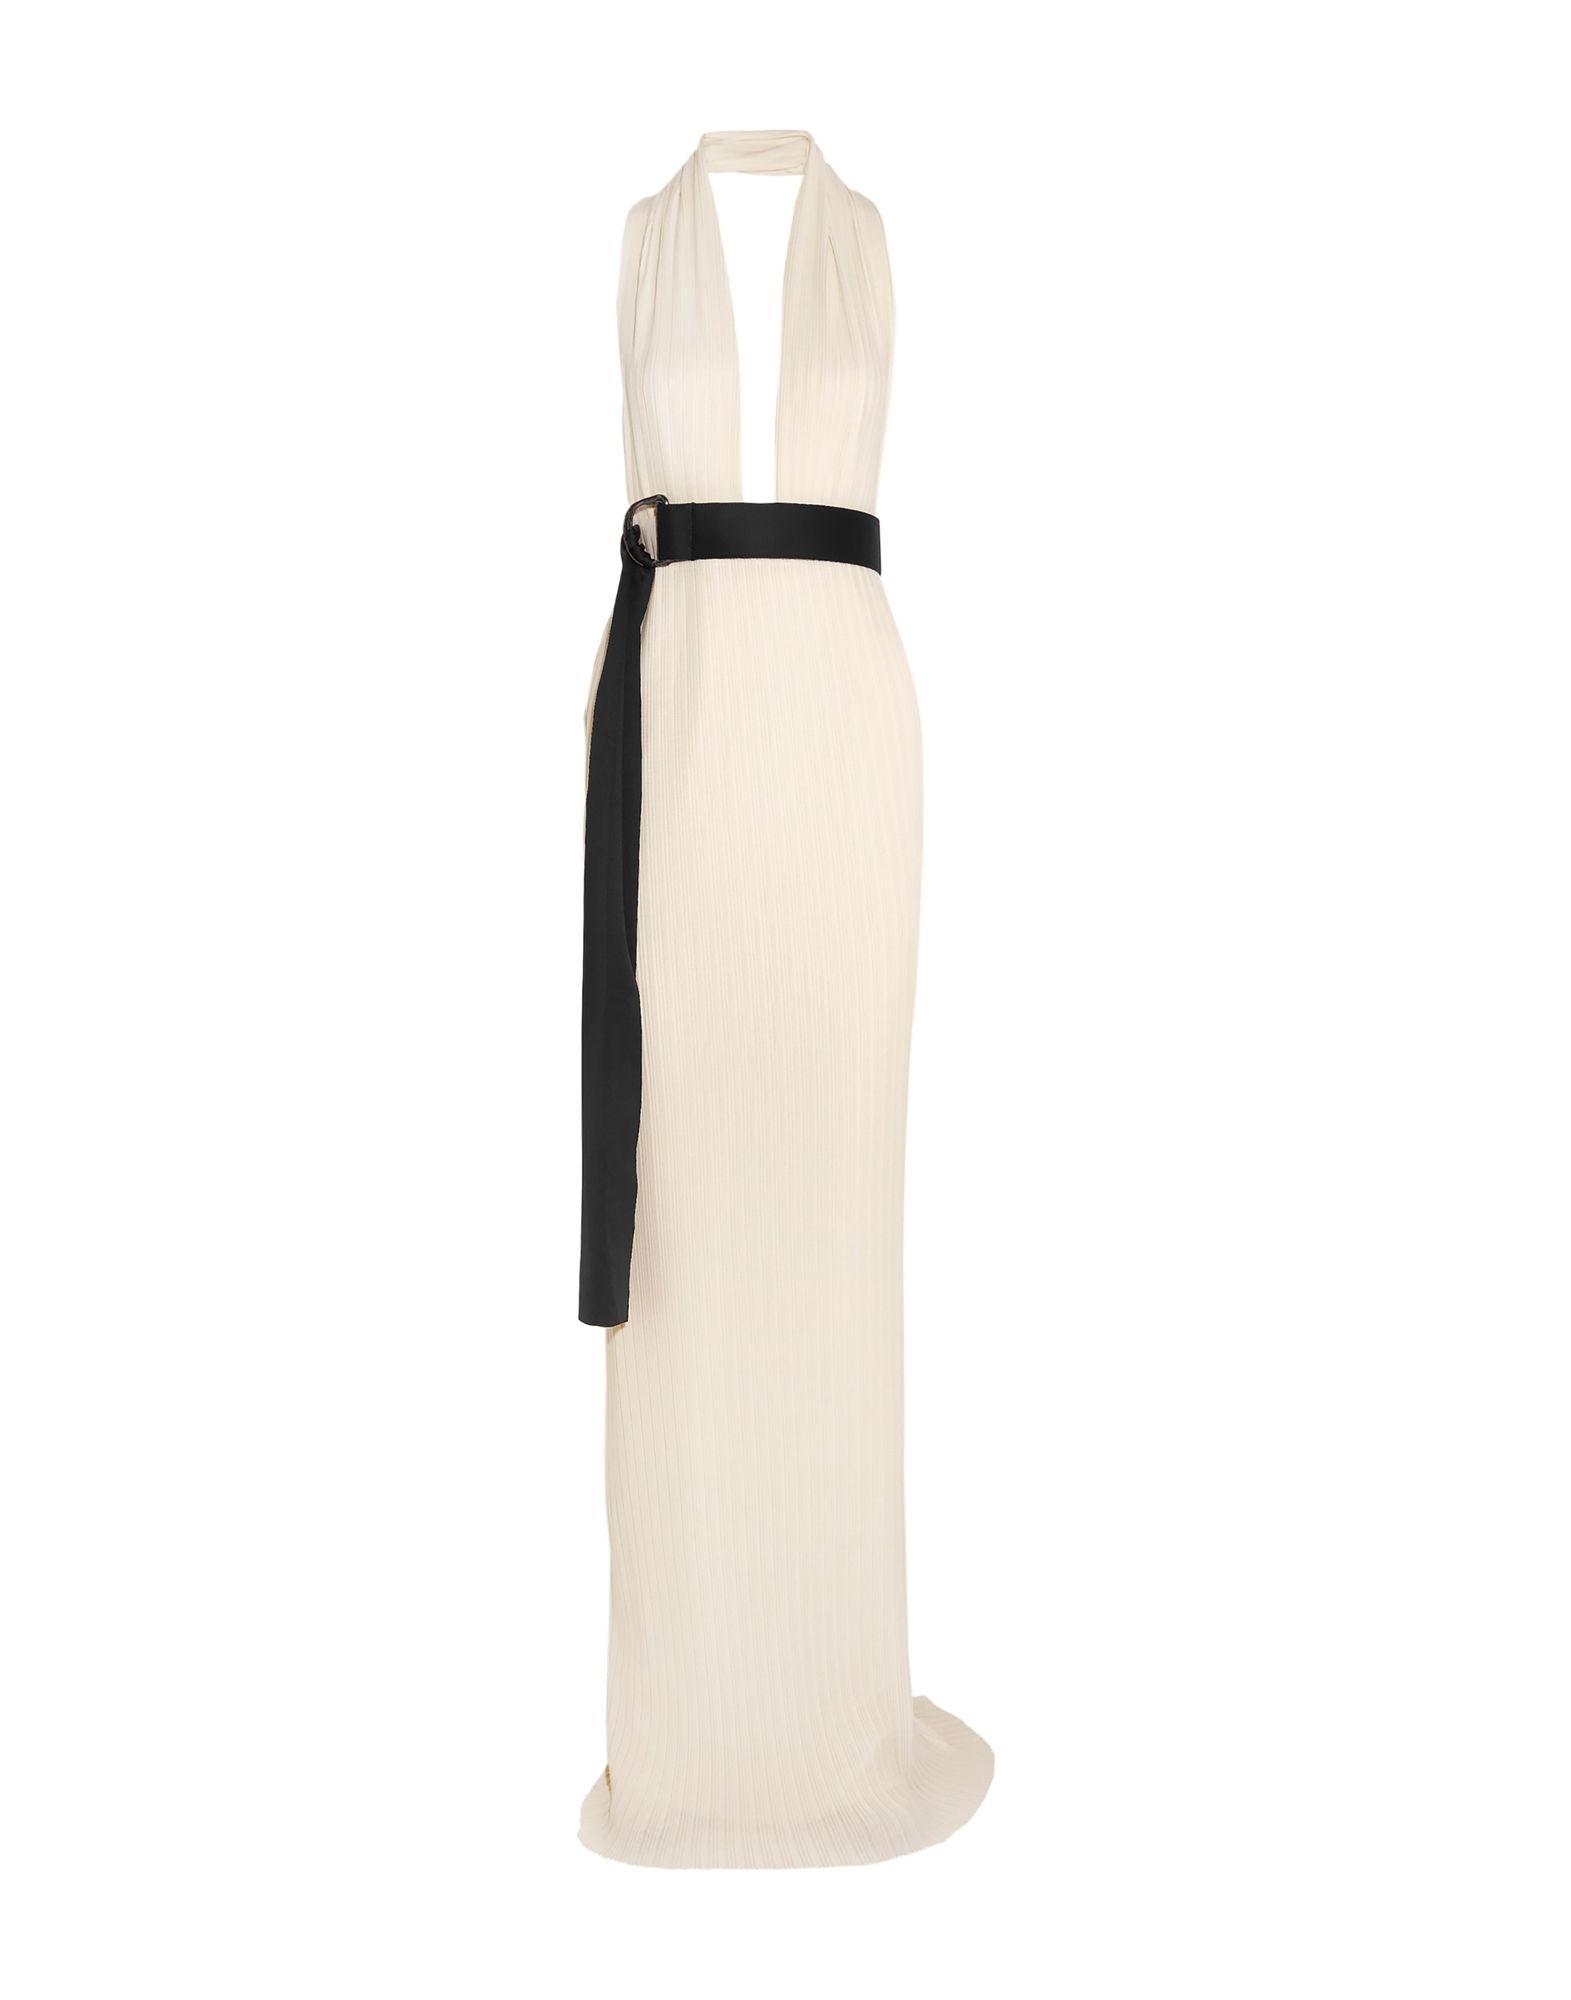 《送料無料》SOLACE LONDON レディース ロングワンピース&ドレス アイボリー 14 ポリエステル